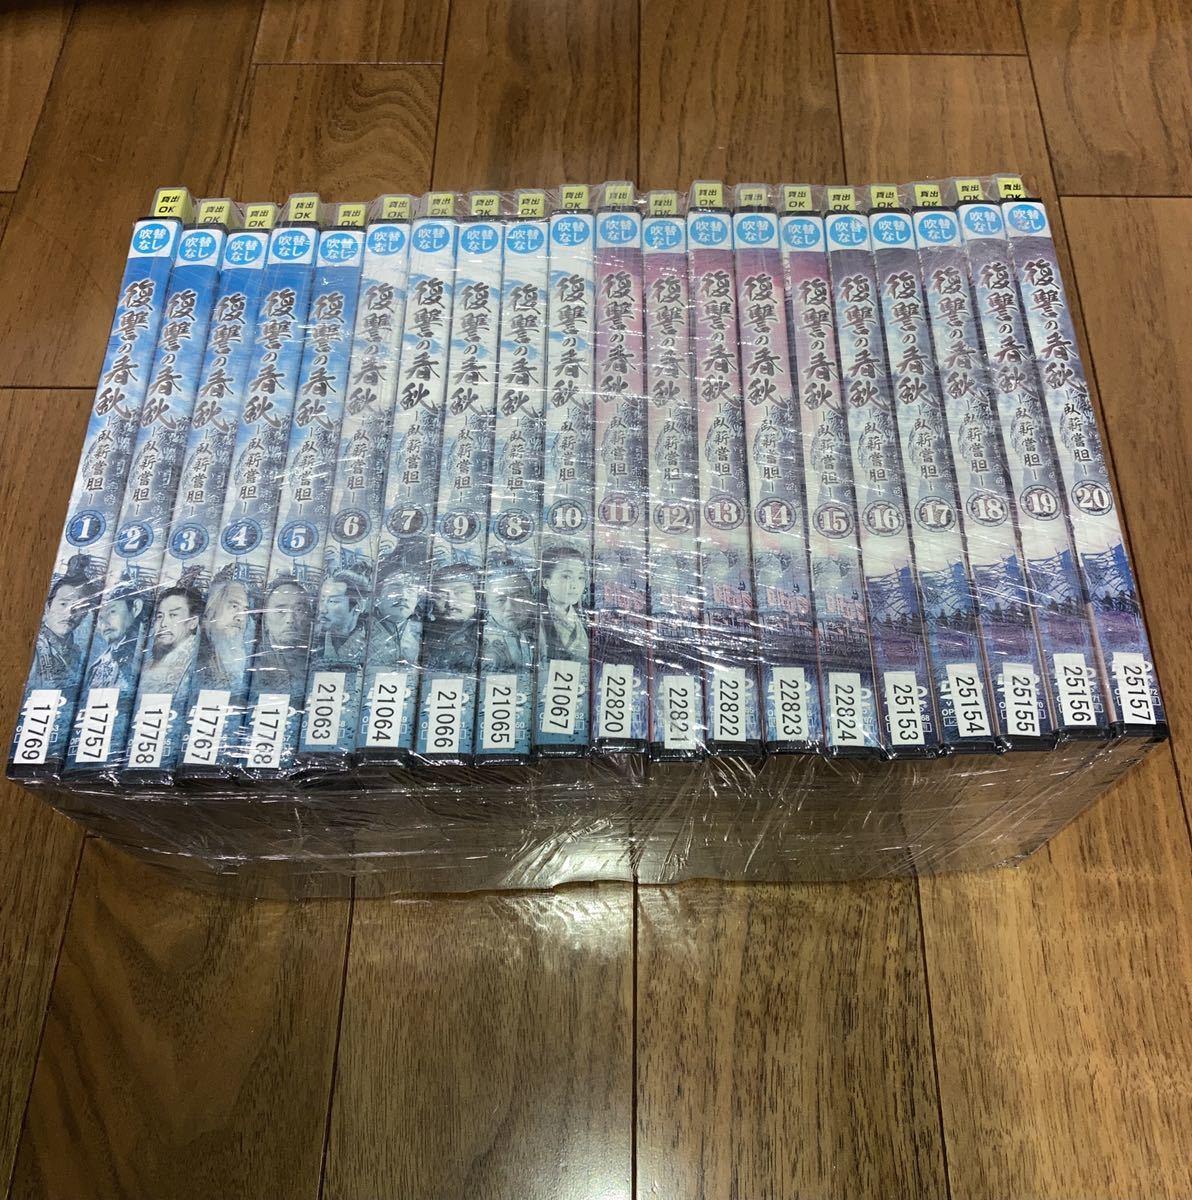 送料無料 復讐の春秋 -臥薪嘗胆- DVD 全20巻セット レンタルアップ品 中国ドラマ 陳道明 フー・ジュン 、 チェン・ダオミン 、 アン・アン